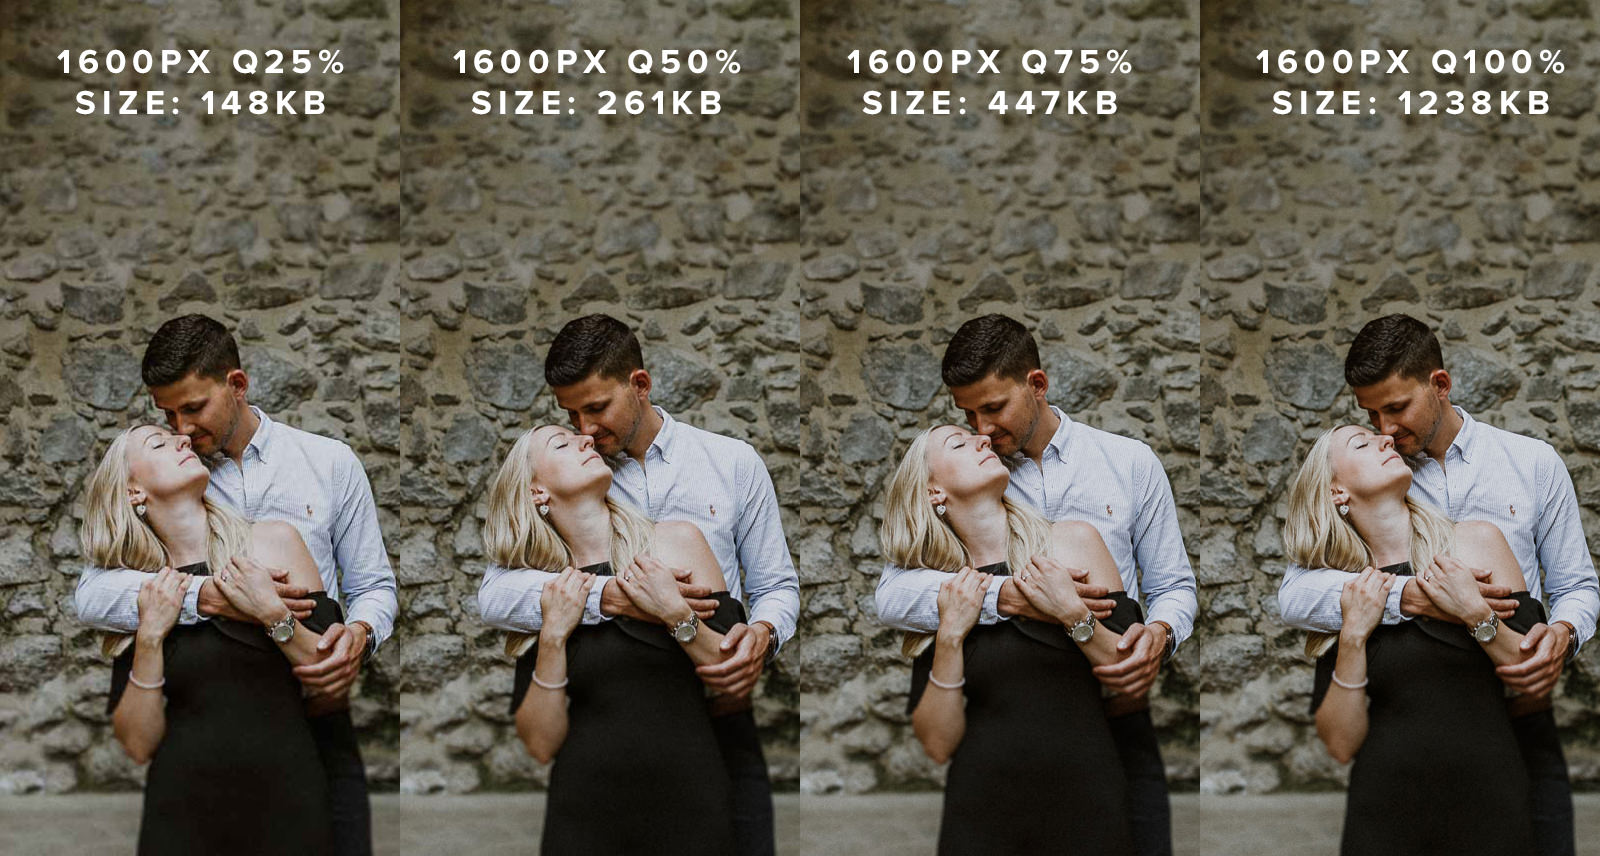 image size optimization